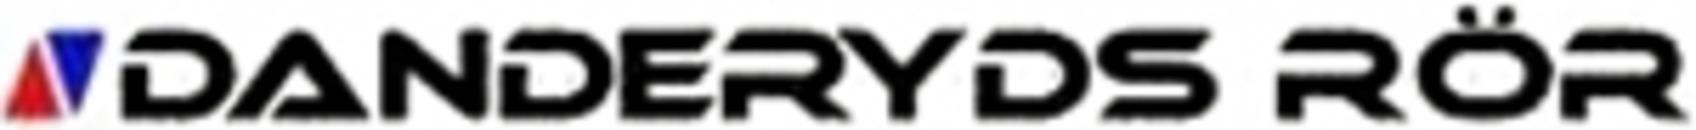 Danderyds Rör logo